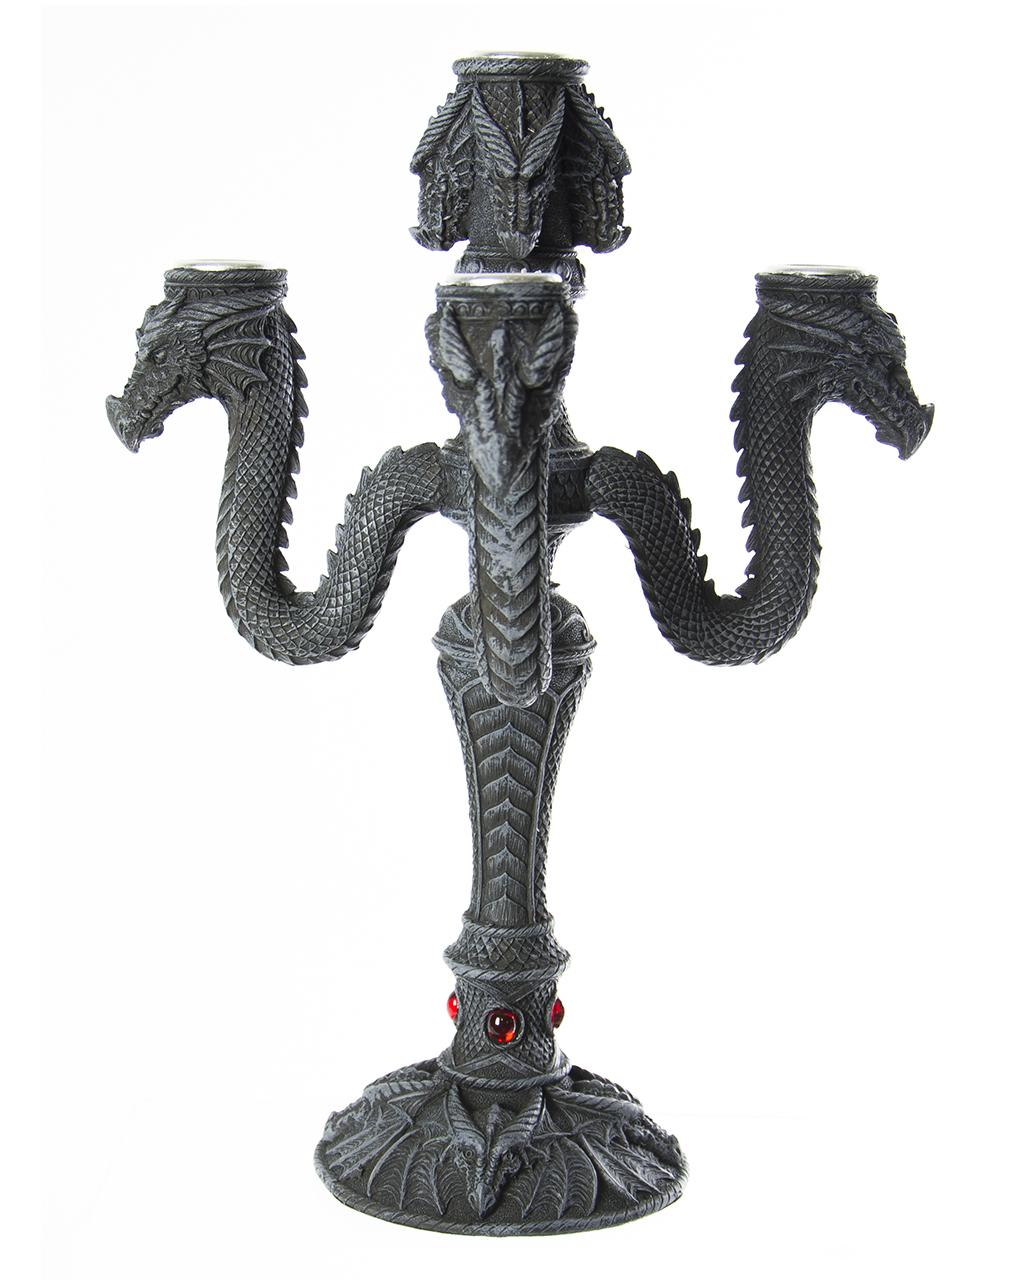 5 Armiger Kerzenleuchter : 5 armiger kerzenleuchter drache tisch dekoration horror ~ Frokenaadalensverden.com Haus und Dekorationen